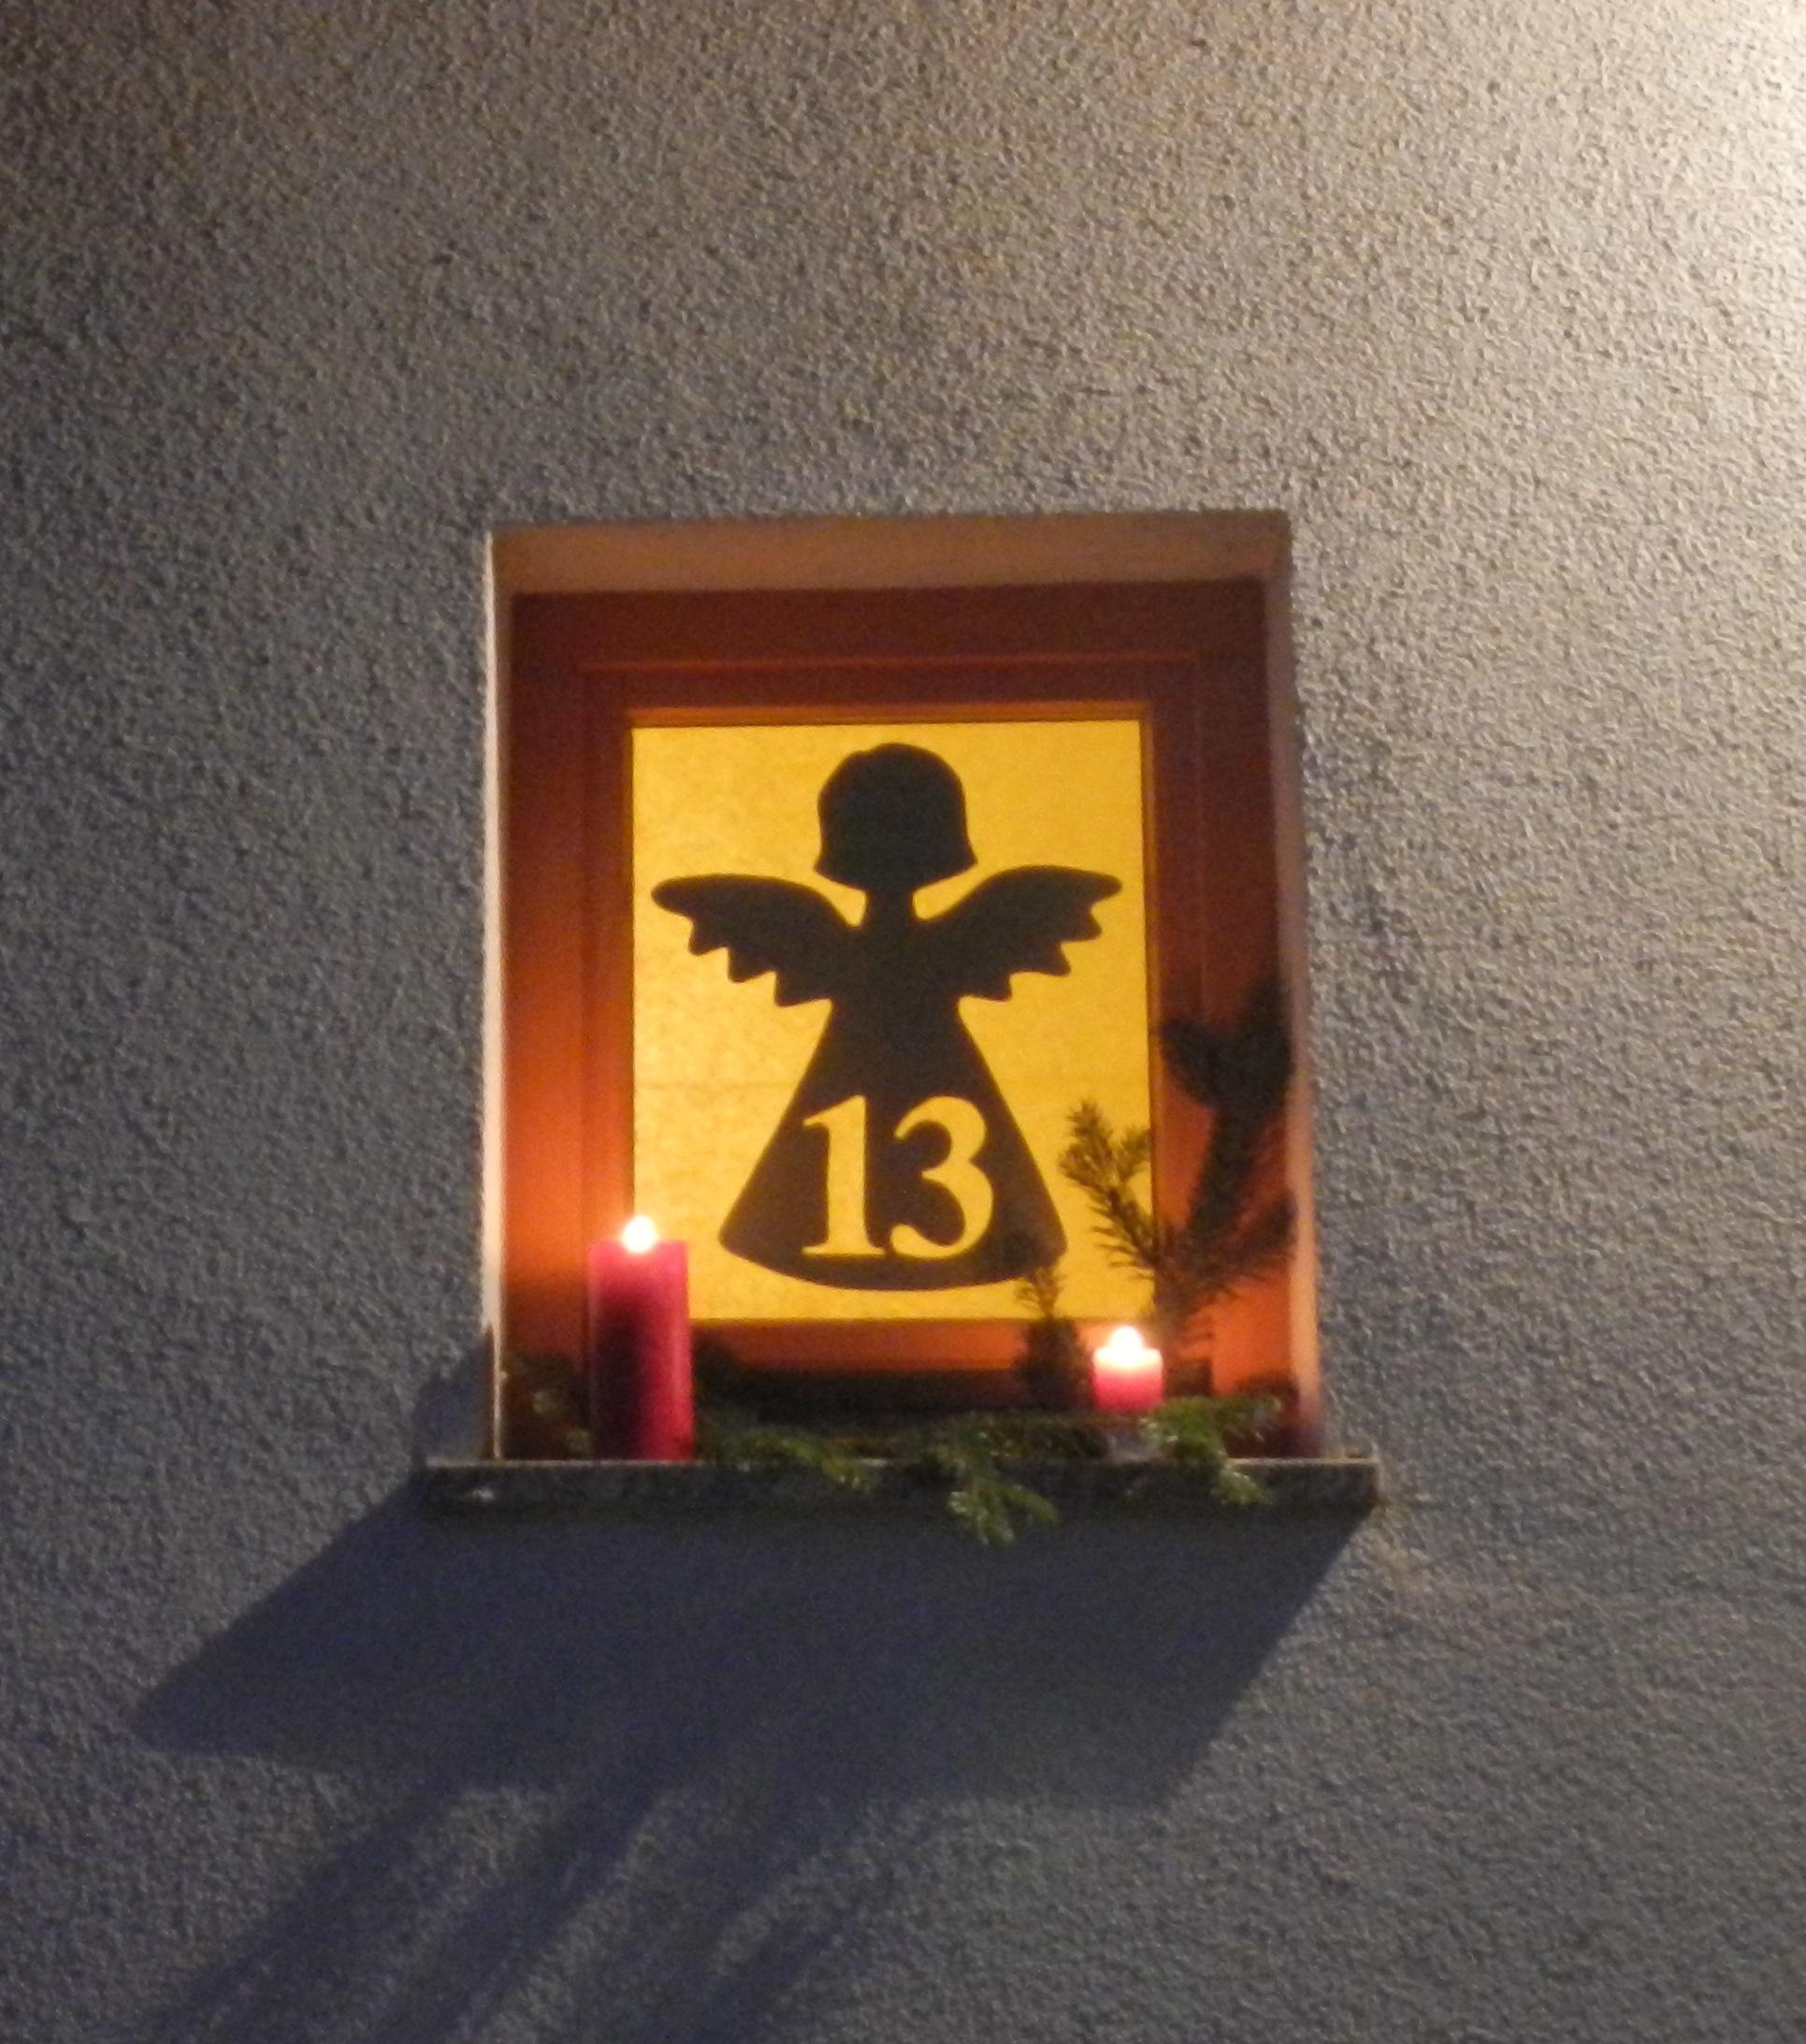 13-dezember-kachelofen-pizzaofen-brotbackofen-ivancsics